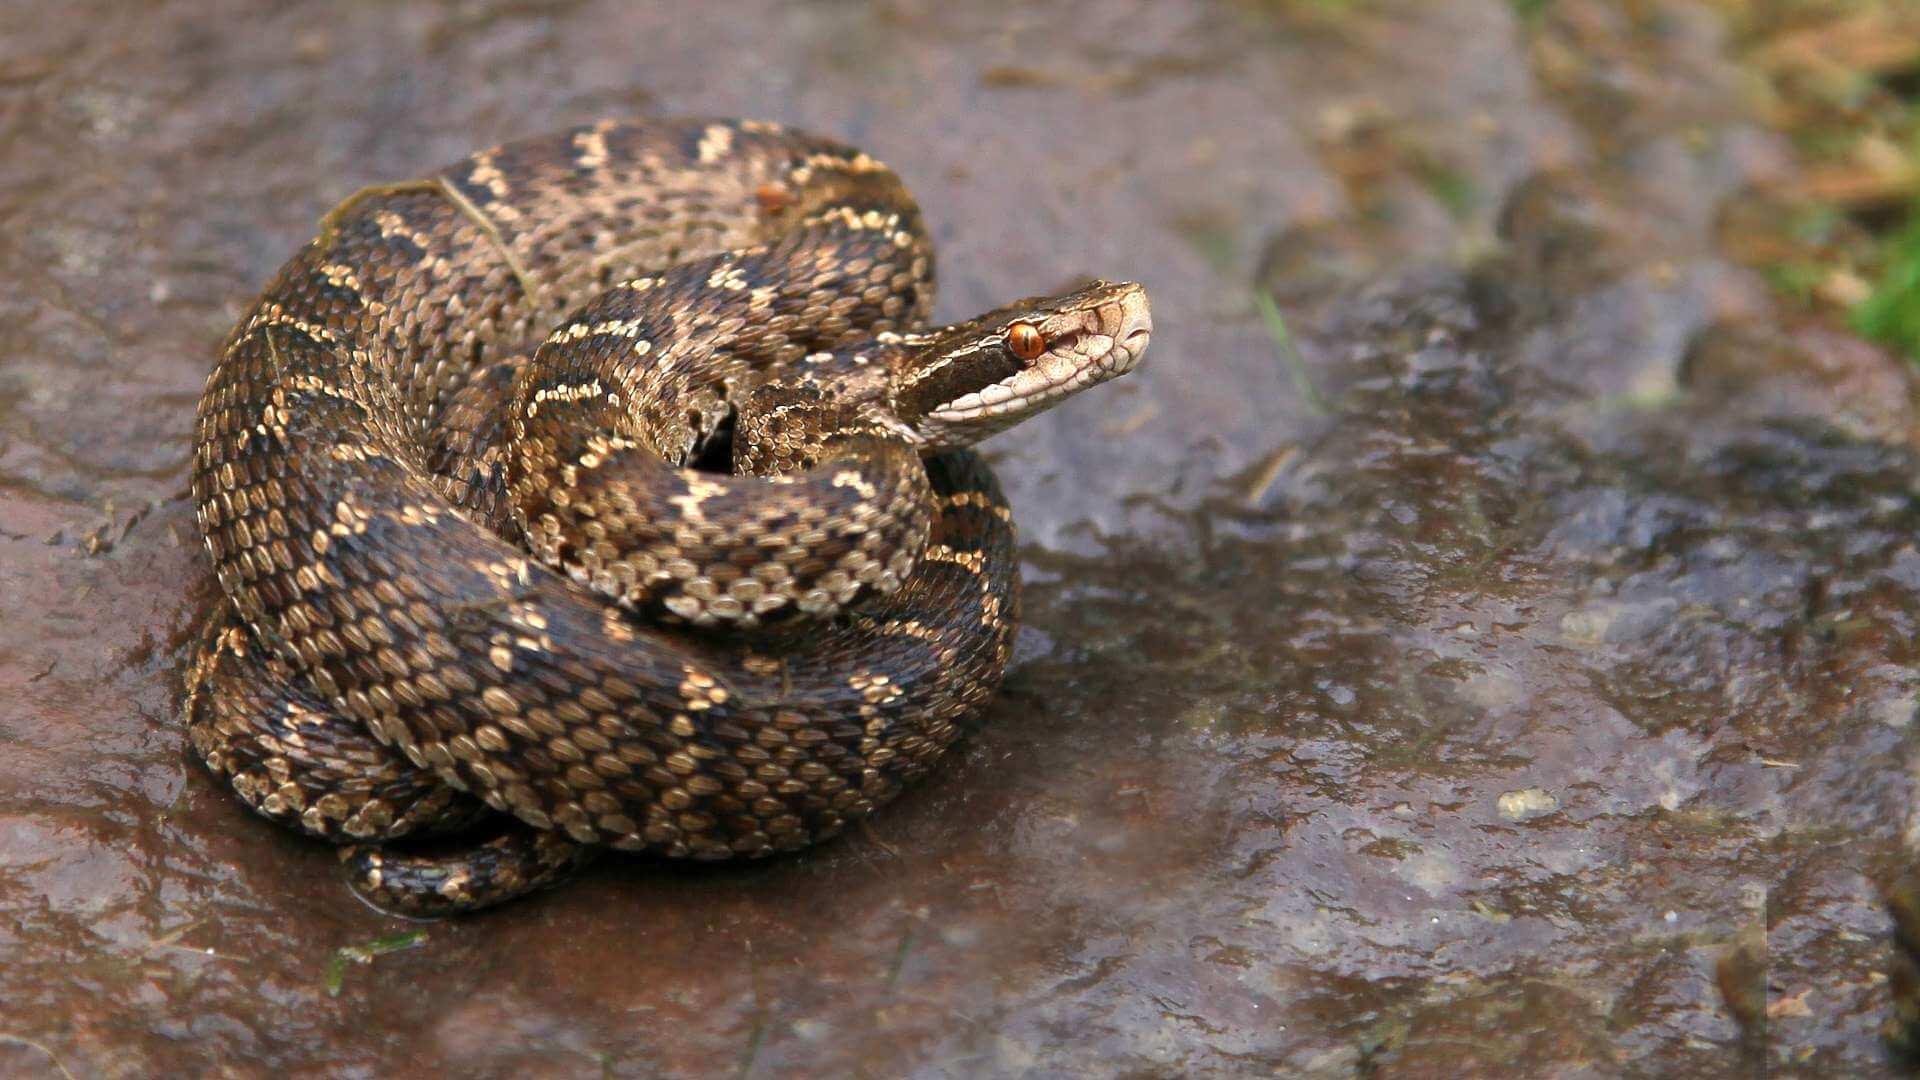 них запечатлены змея щитомордник фото и описание она роговая оболочка